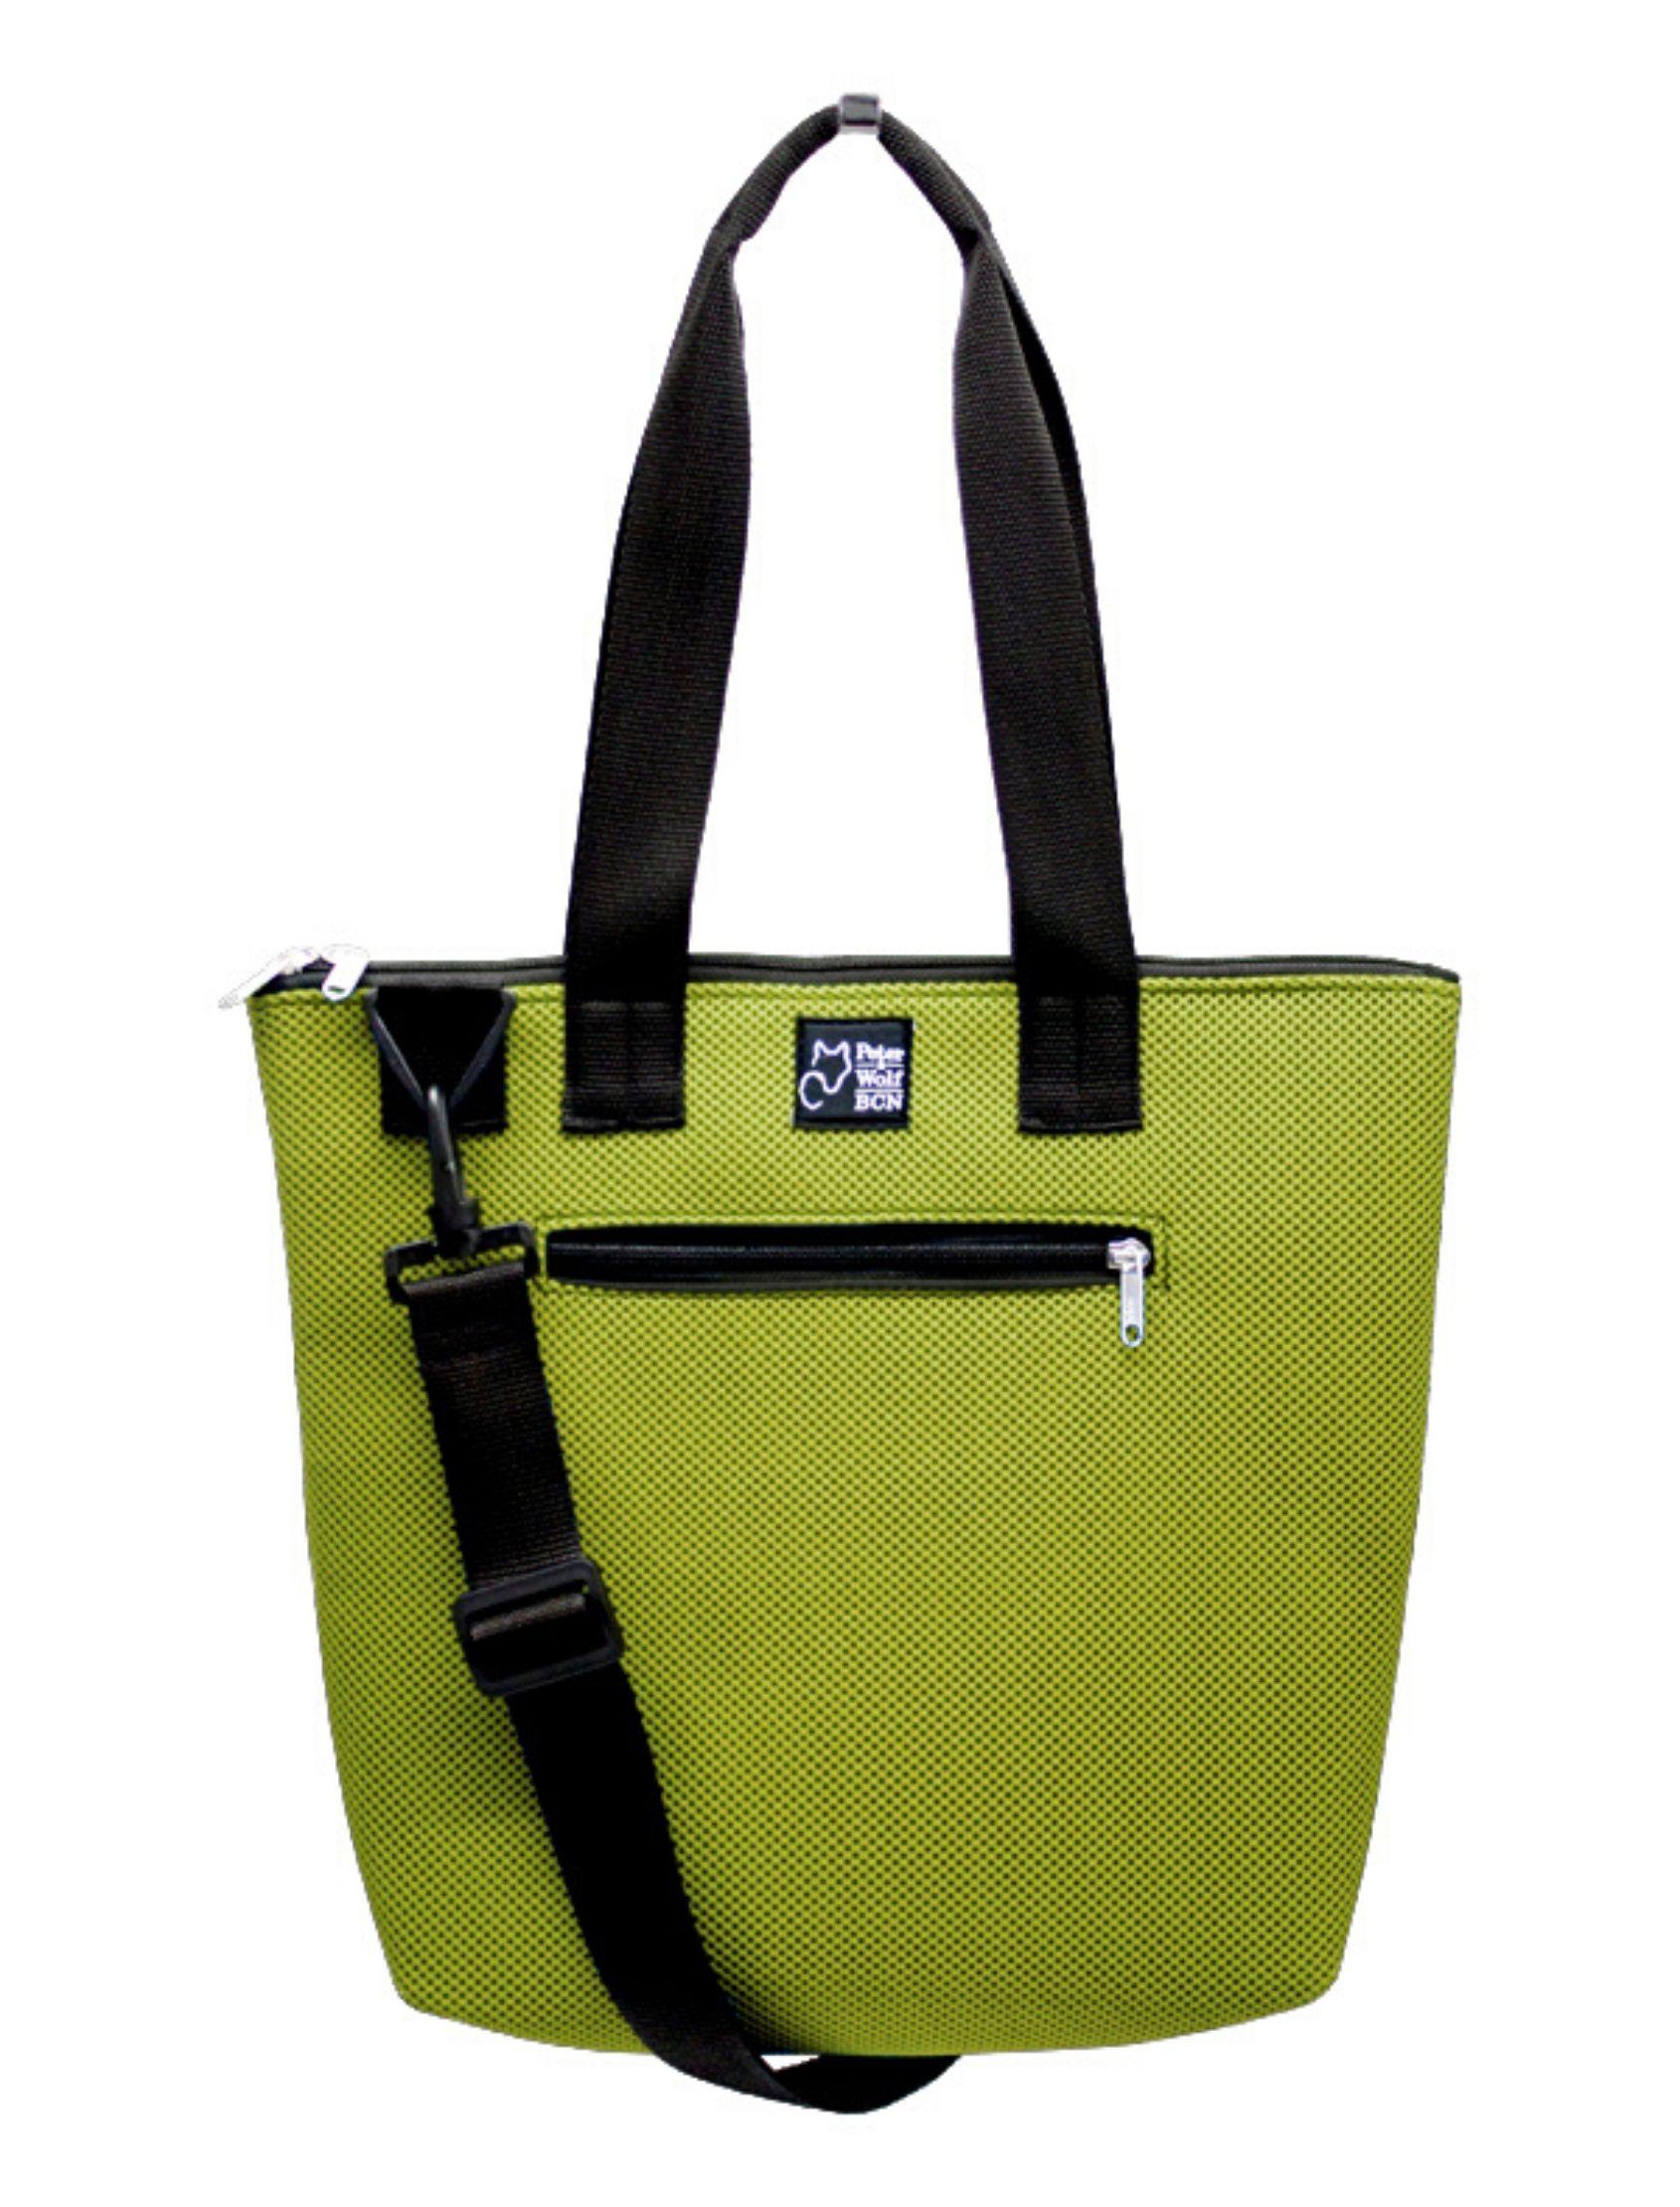 bolso sport barco pistacchio de peter and wolf barcelona. Color verde pistacho y tejido técnico 3d